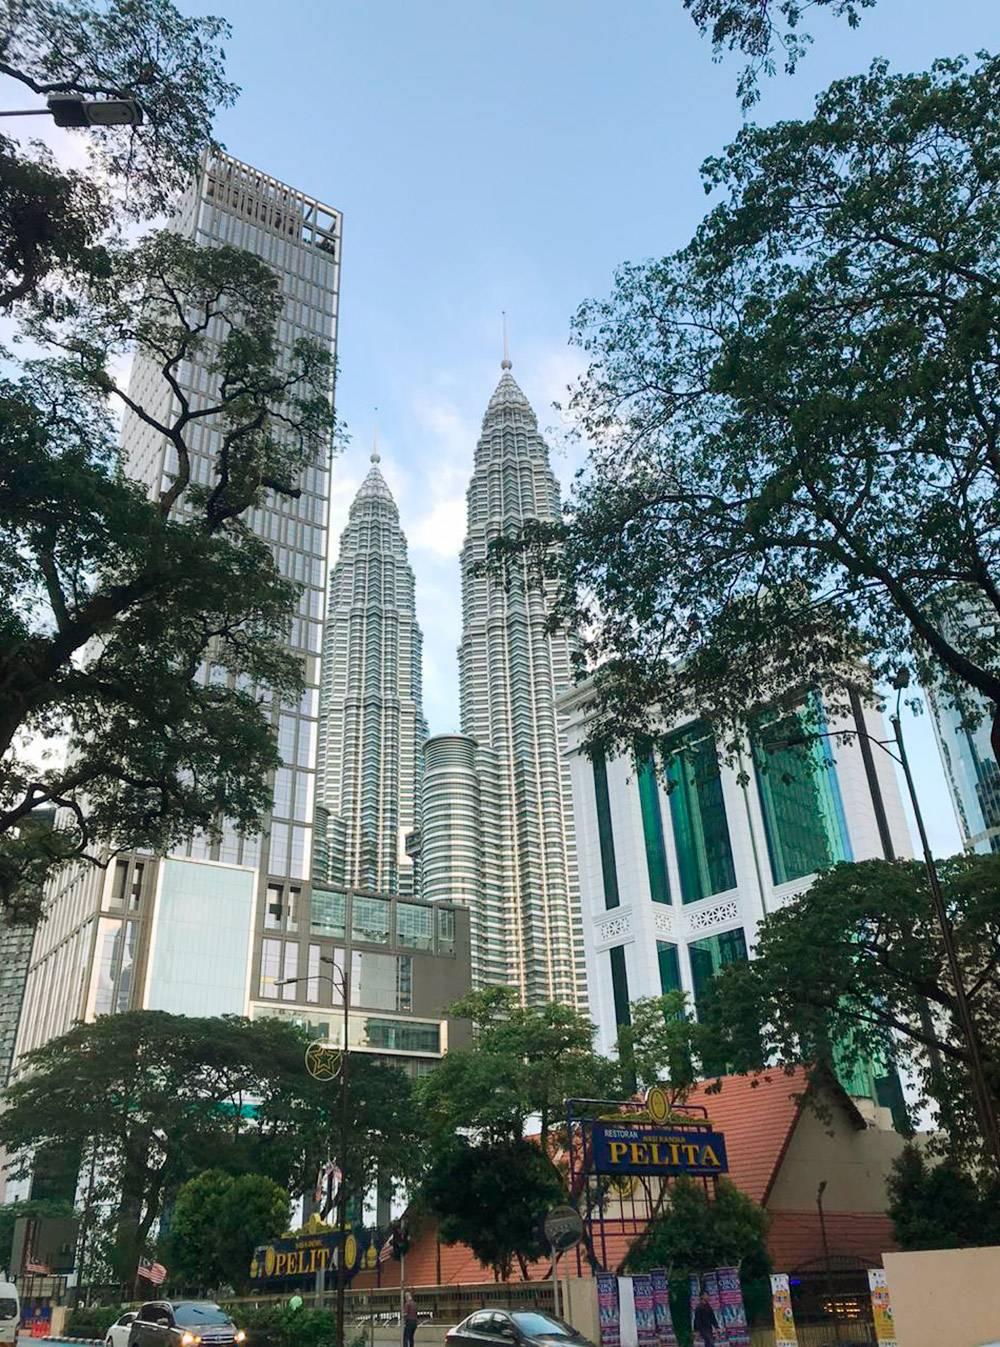 Башни-близнецы «Петронас» — главная достопримечательность Куала-Лумпура